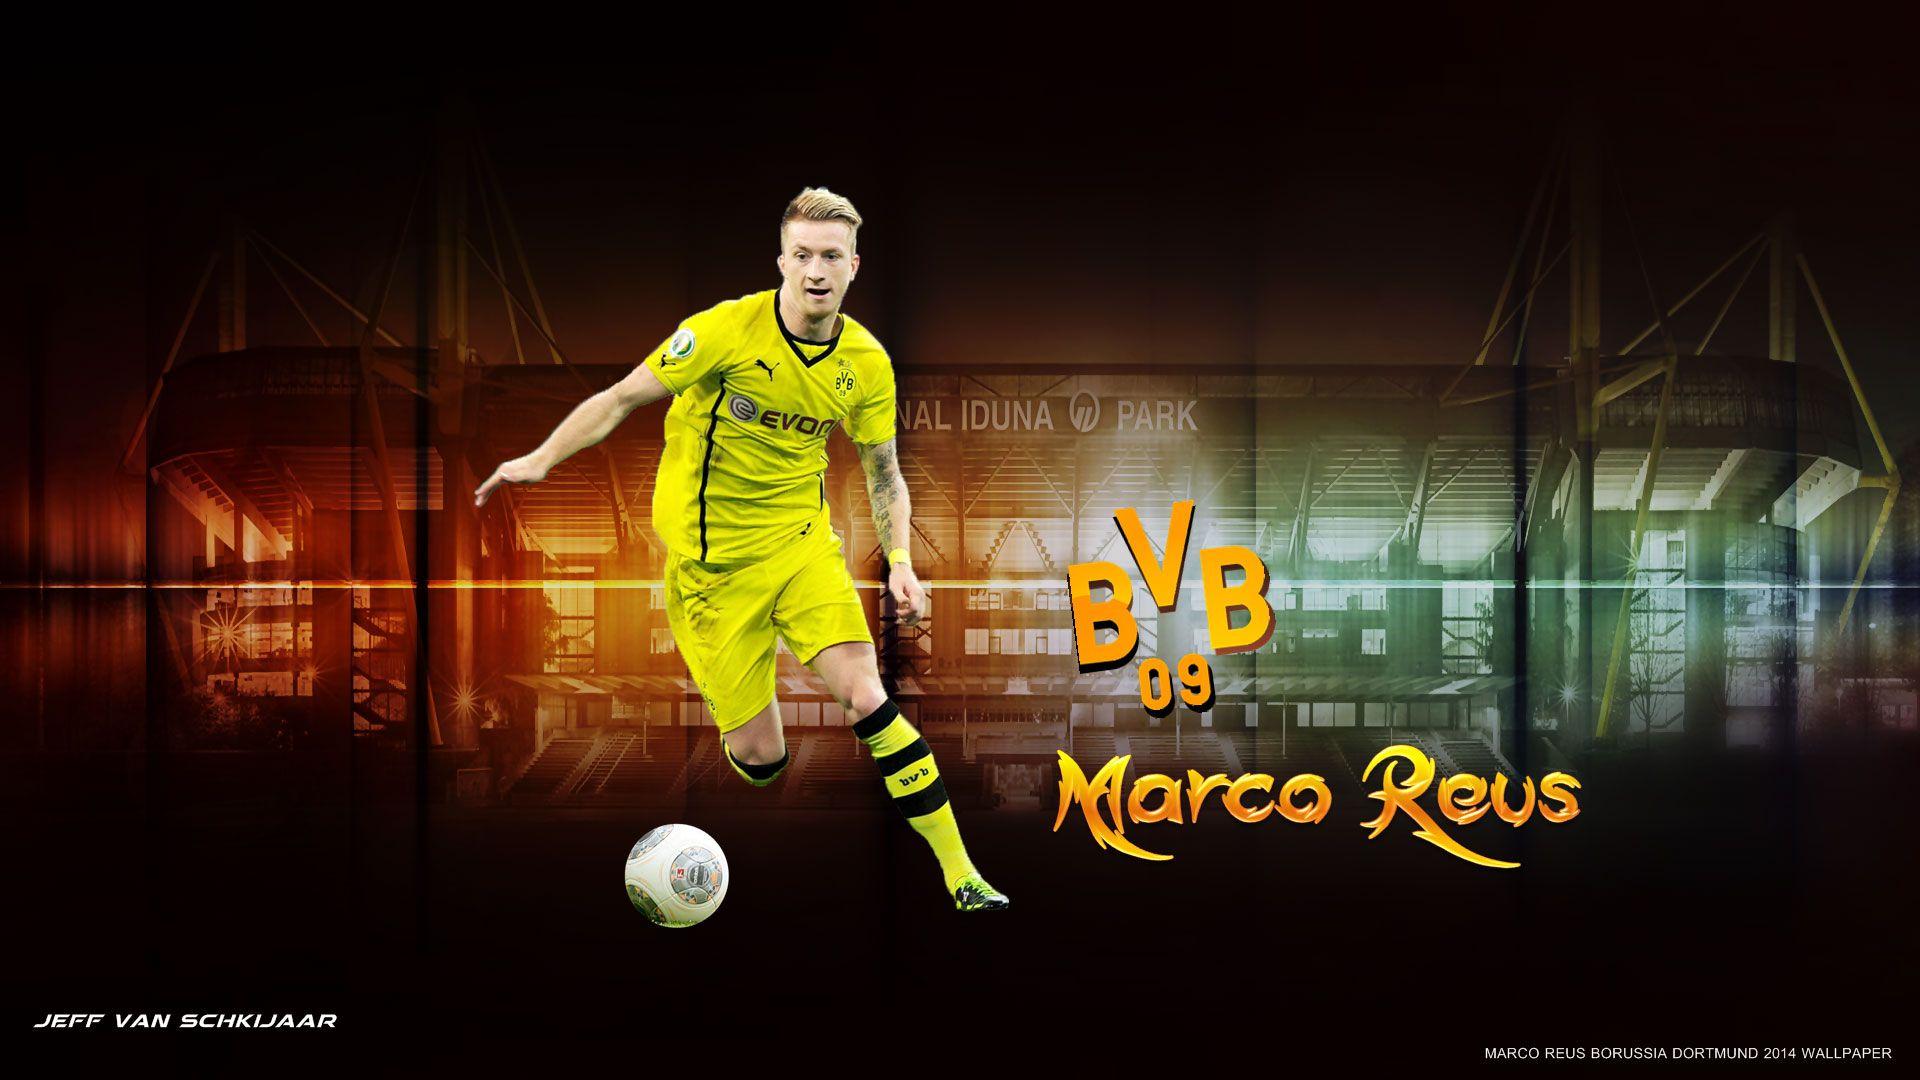 Marco Reus Borussia Dortmund Wallpaper HD 2014 #1